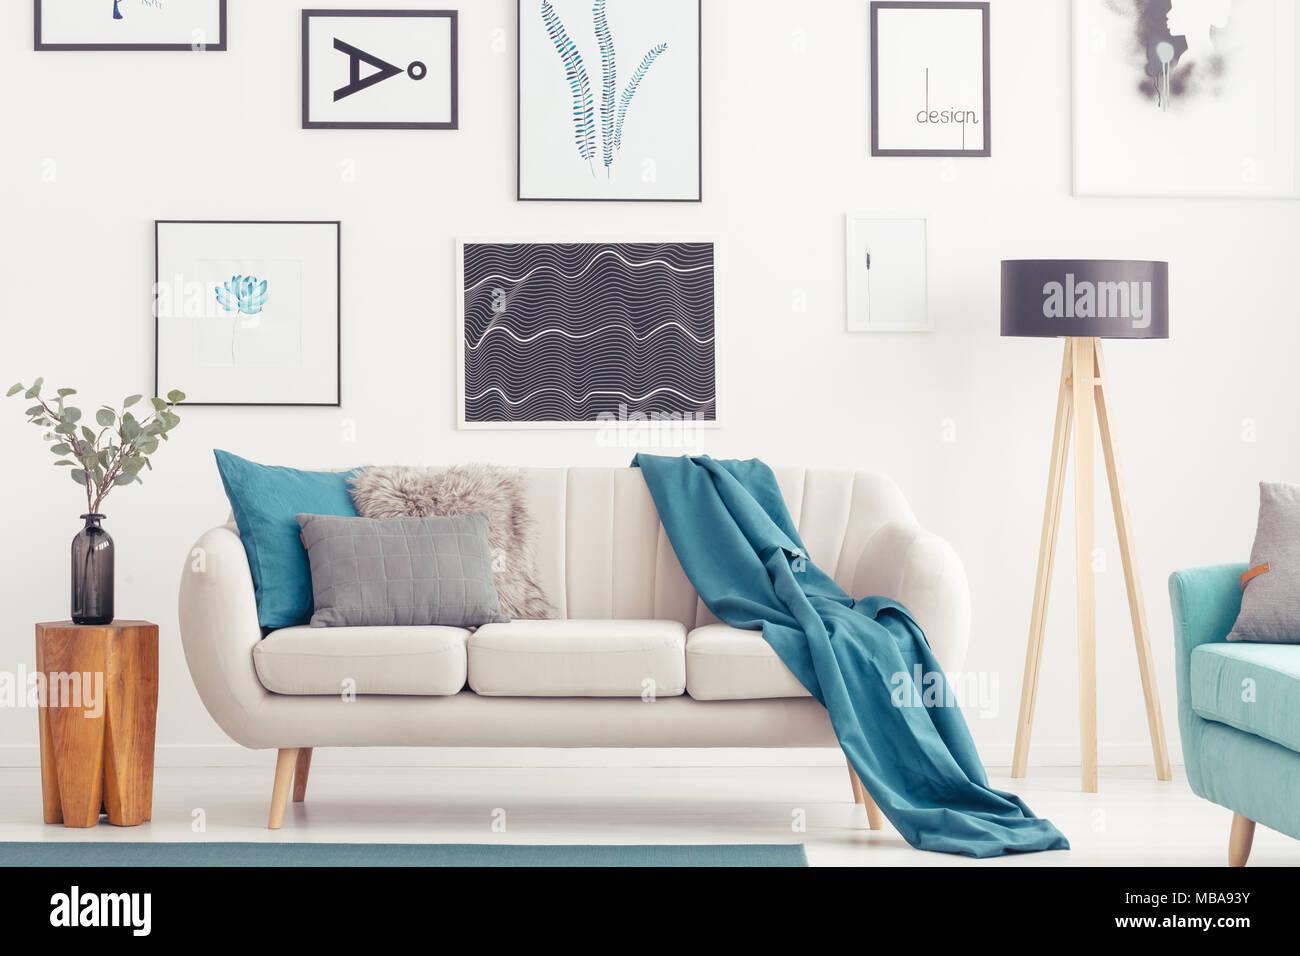 Blaue Decke Auf Beige Sofa Zwischen Hölzernen Stuhl Und Lampe Im Wohnzimmer  Mit Galerie